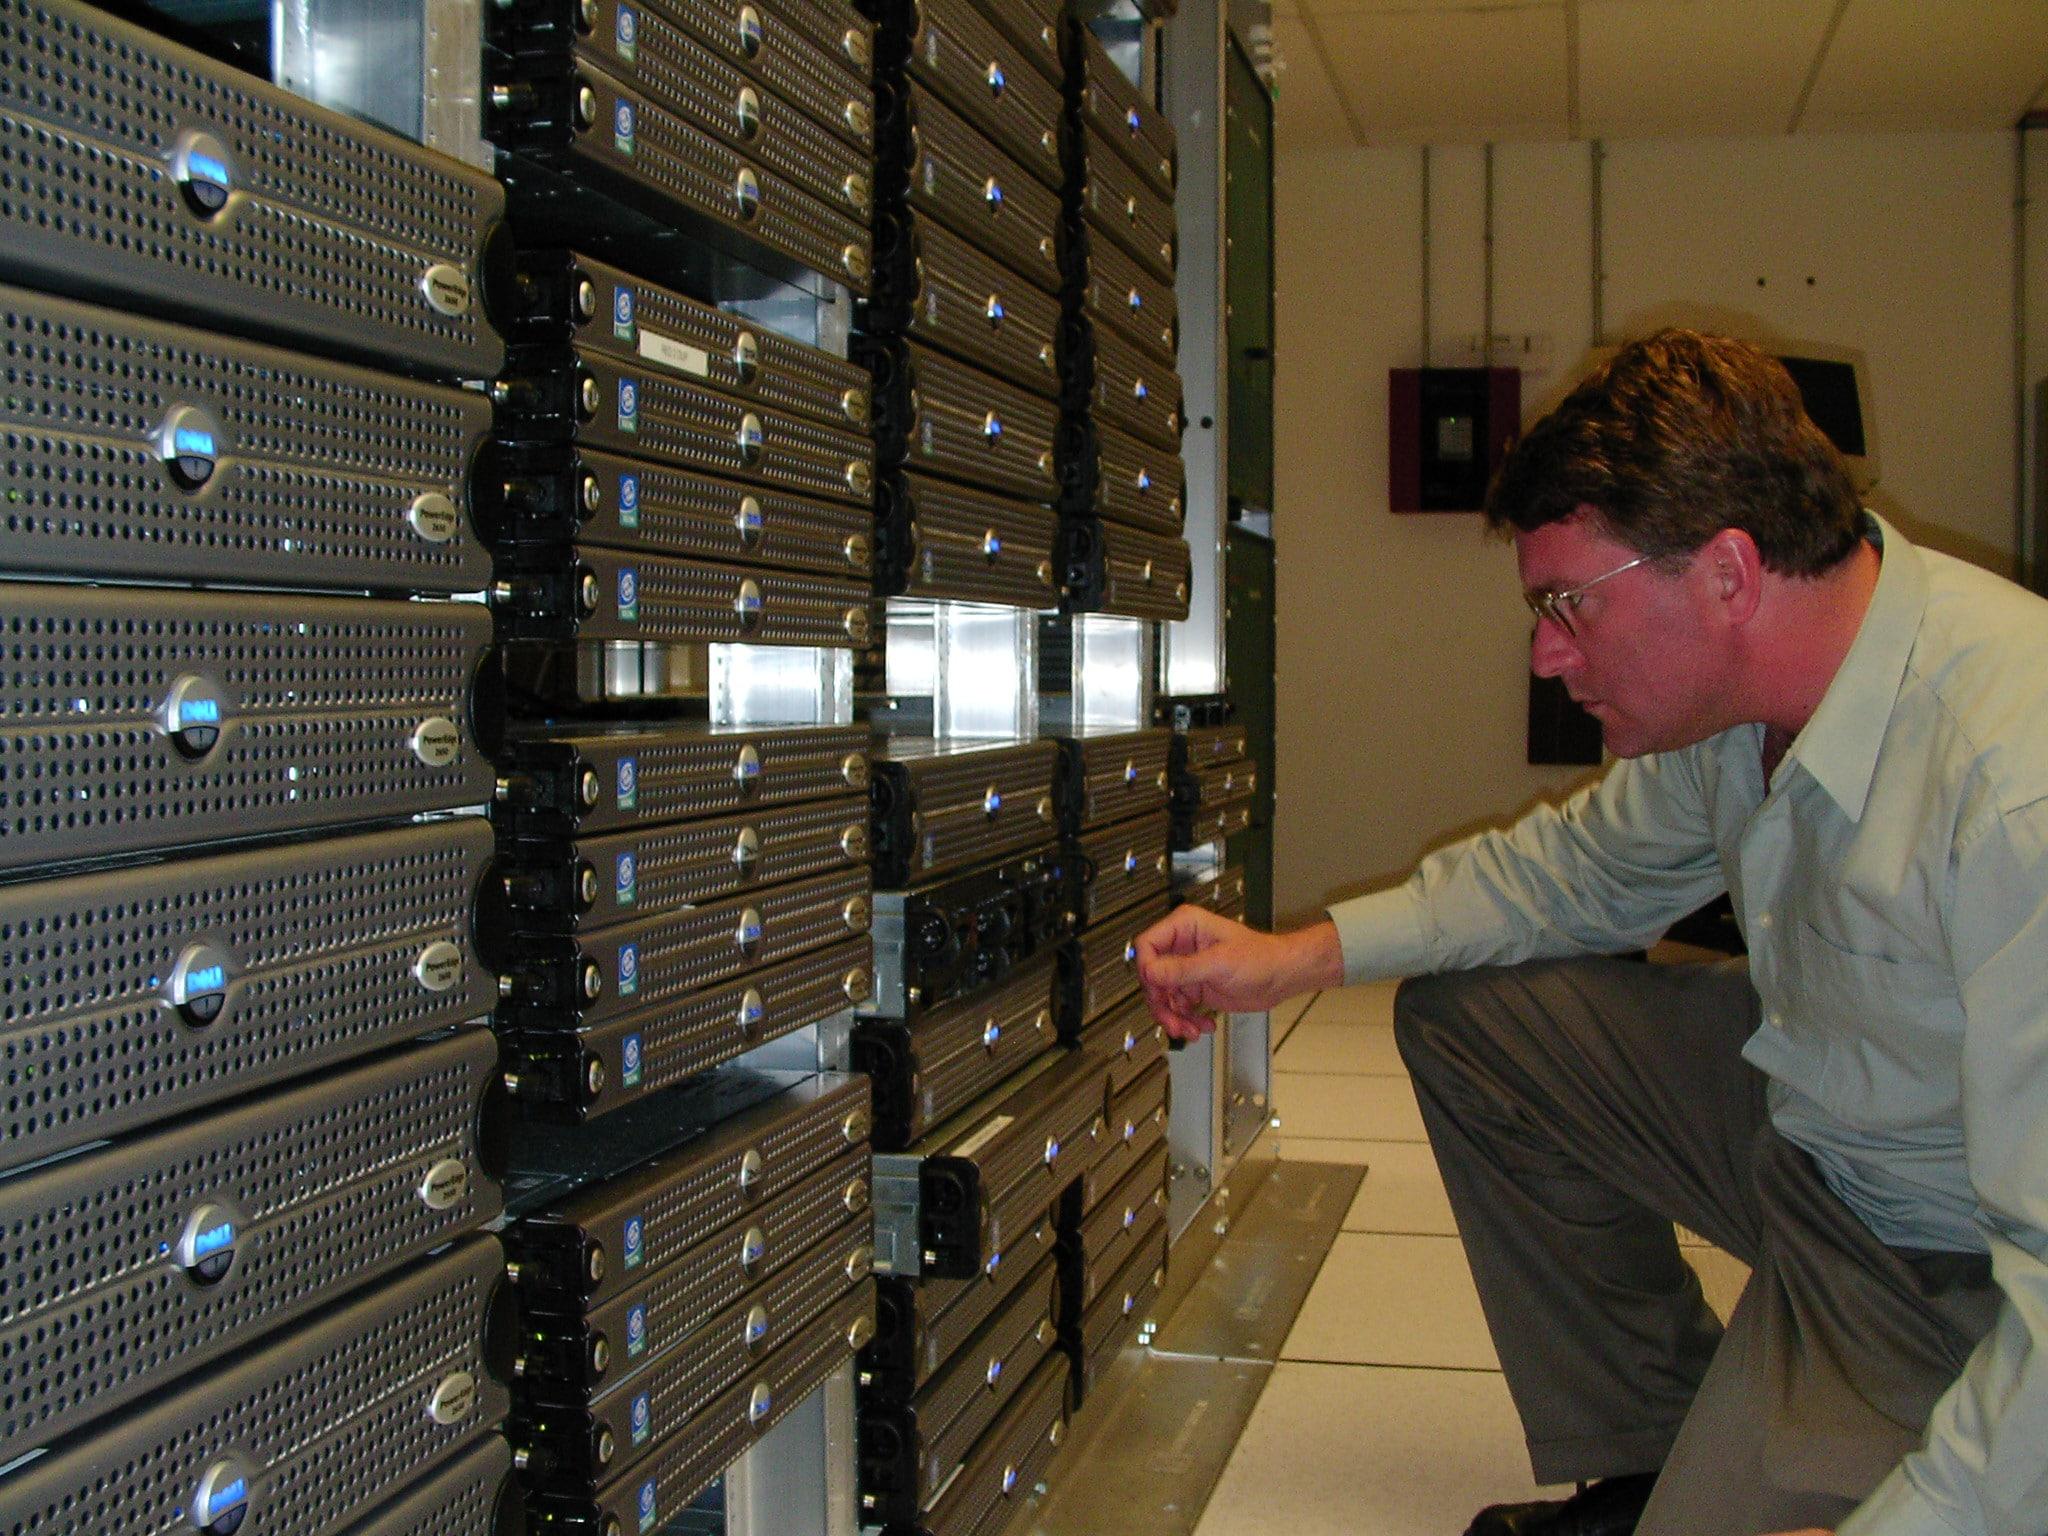 Ben with servers